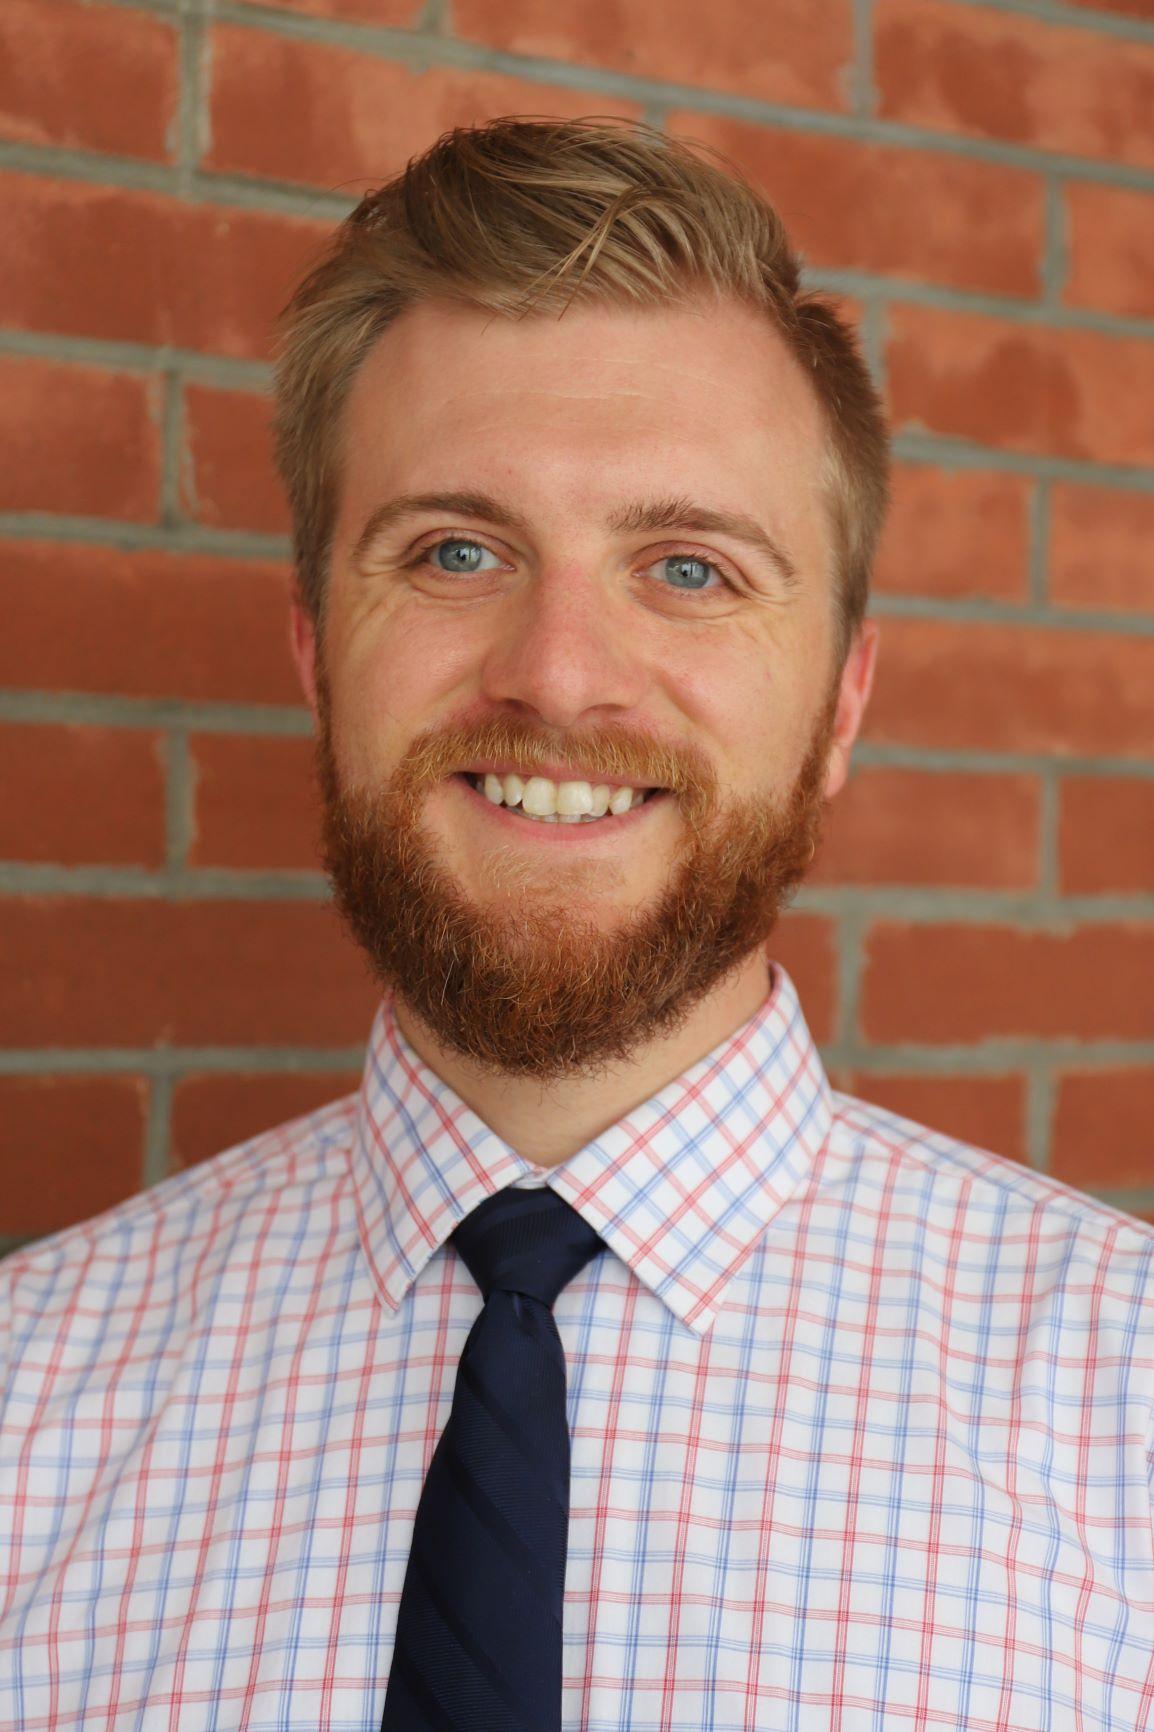 Alex McCandless, LPC-MHSP, SRAS